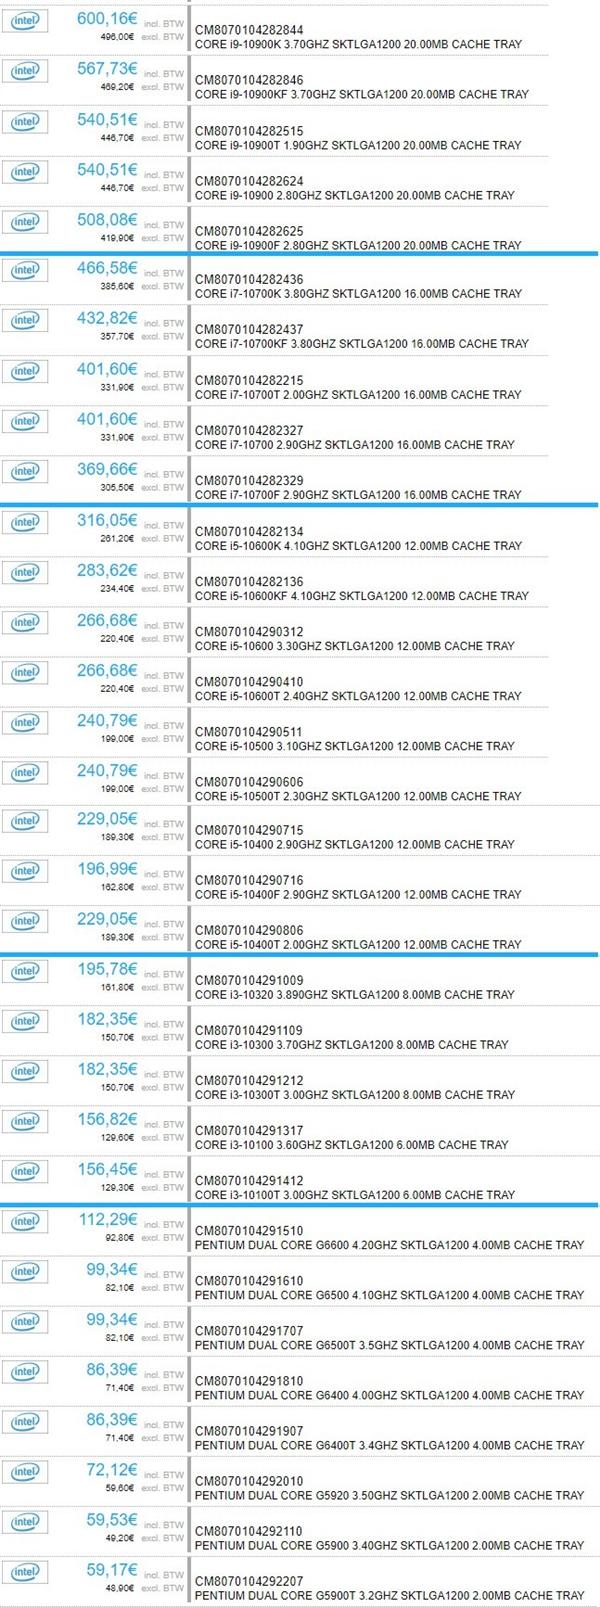 32款齐了!Intel十代桌面酷睿规格、价格全曝光